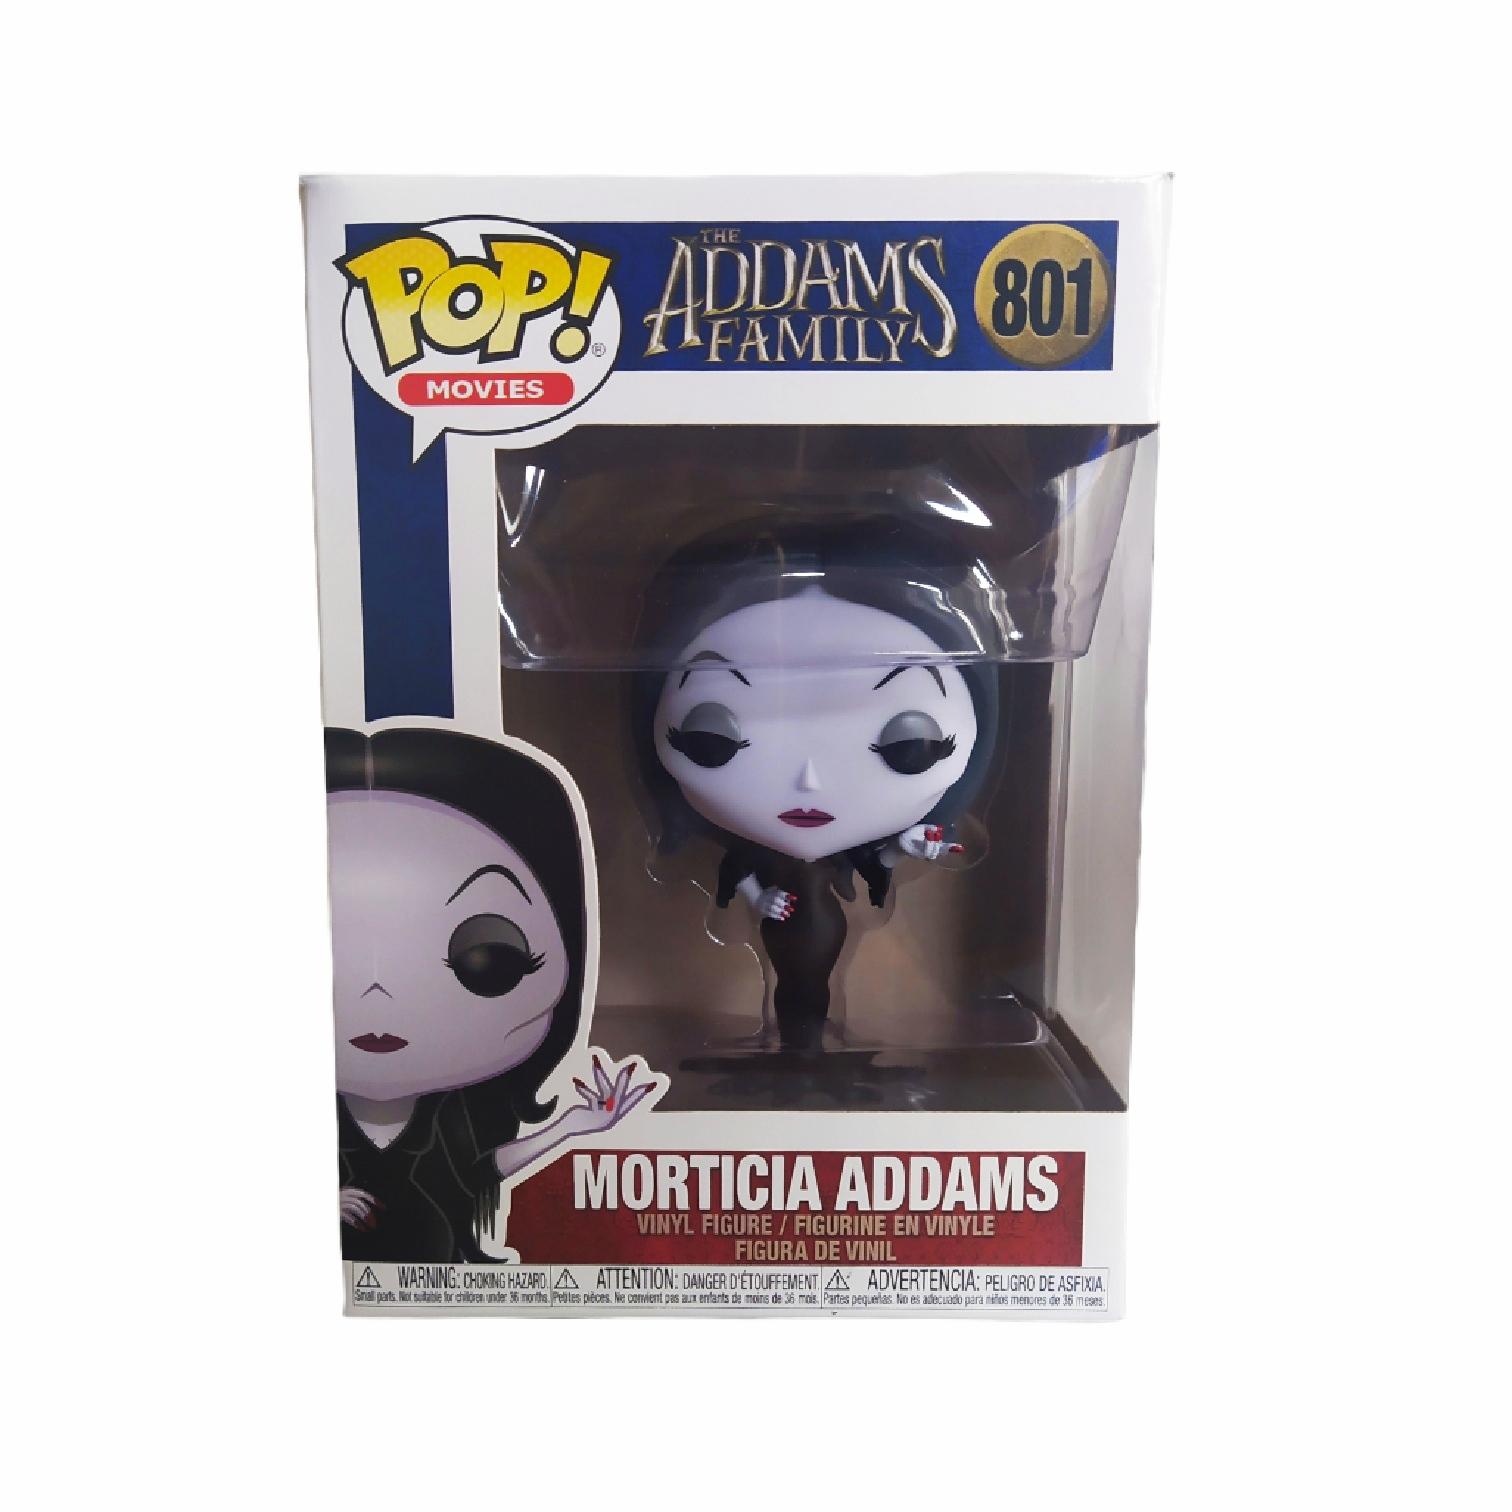 Funko POP - Figura de Vinil Morticia Addams - The Addams Family - 801